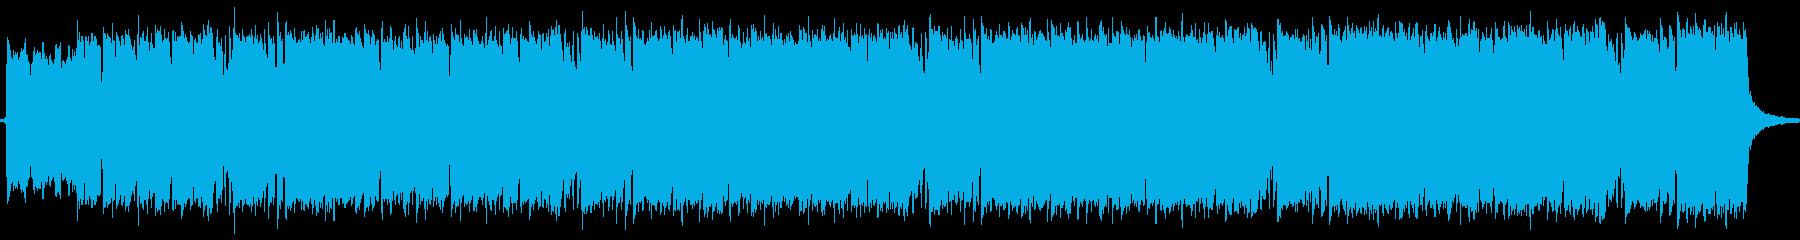 シューゲイザー風のゆったりとした曲の再生済みの波形